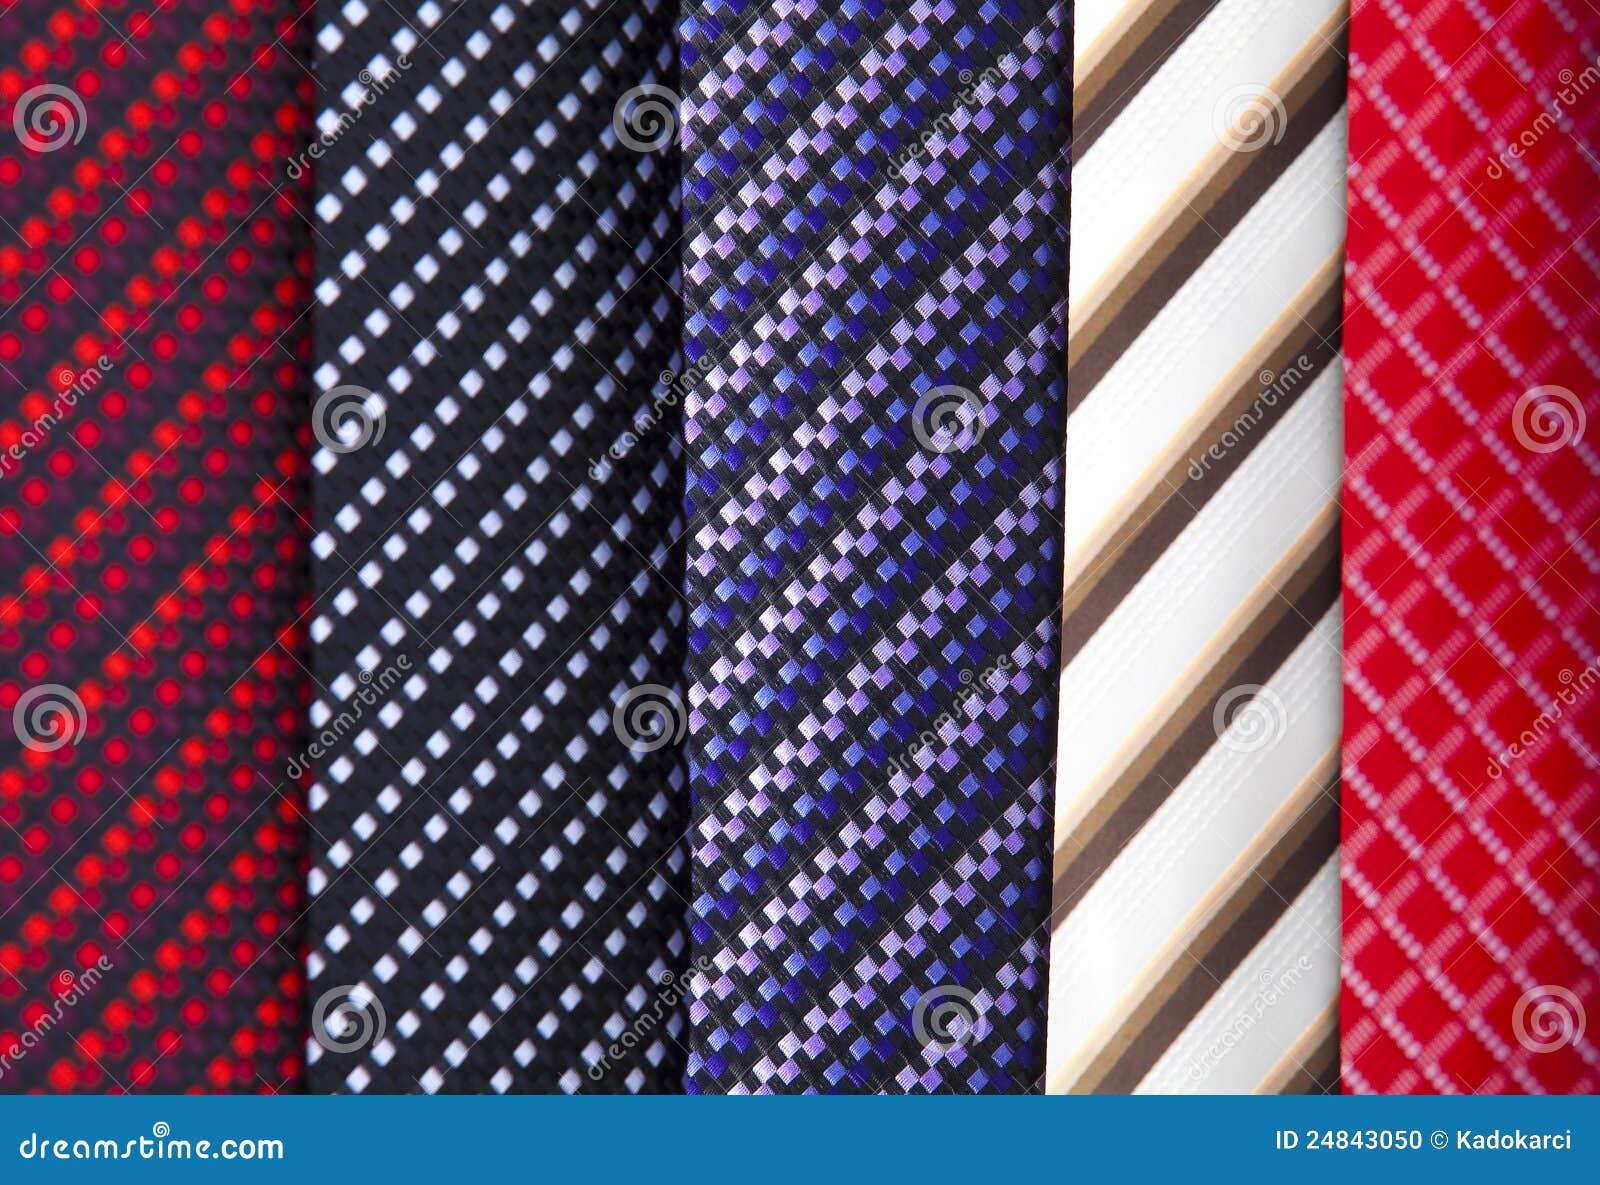 Fabric Background Stock Photo - Image: 24843050